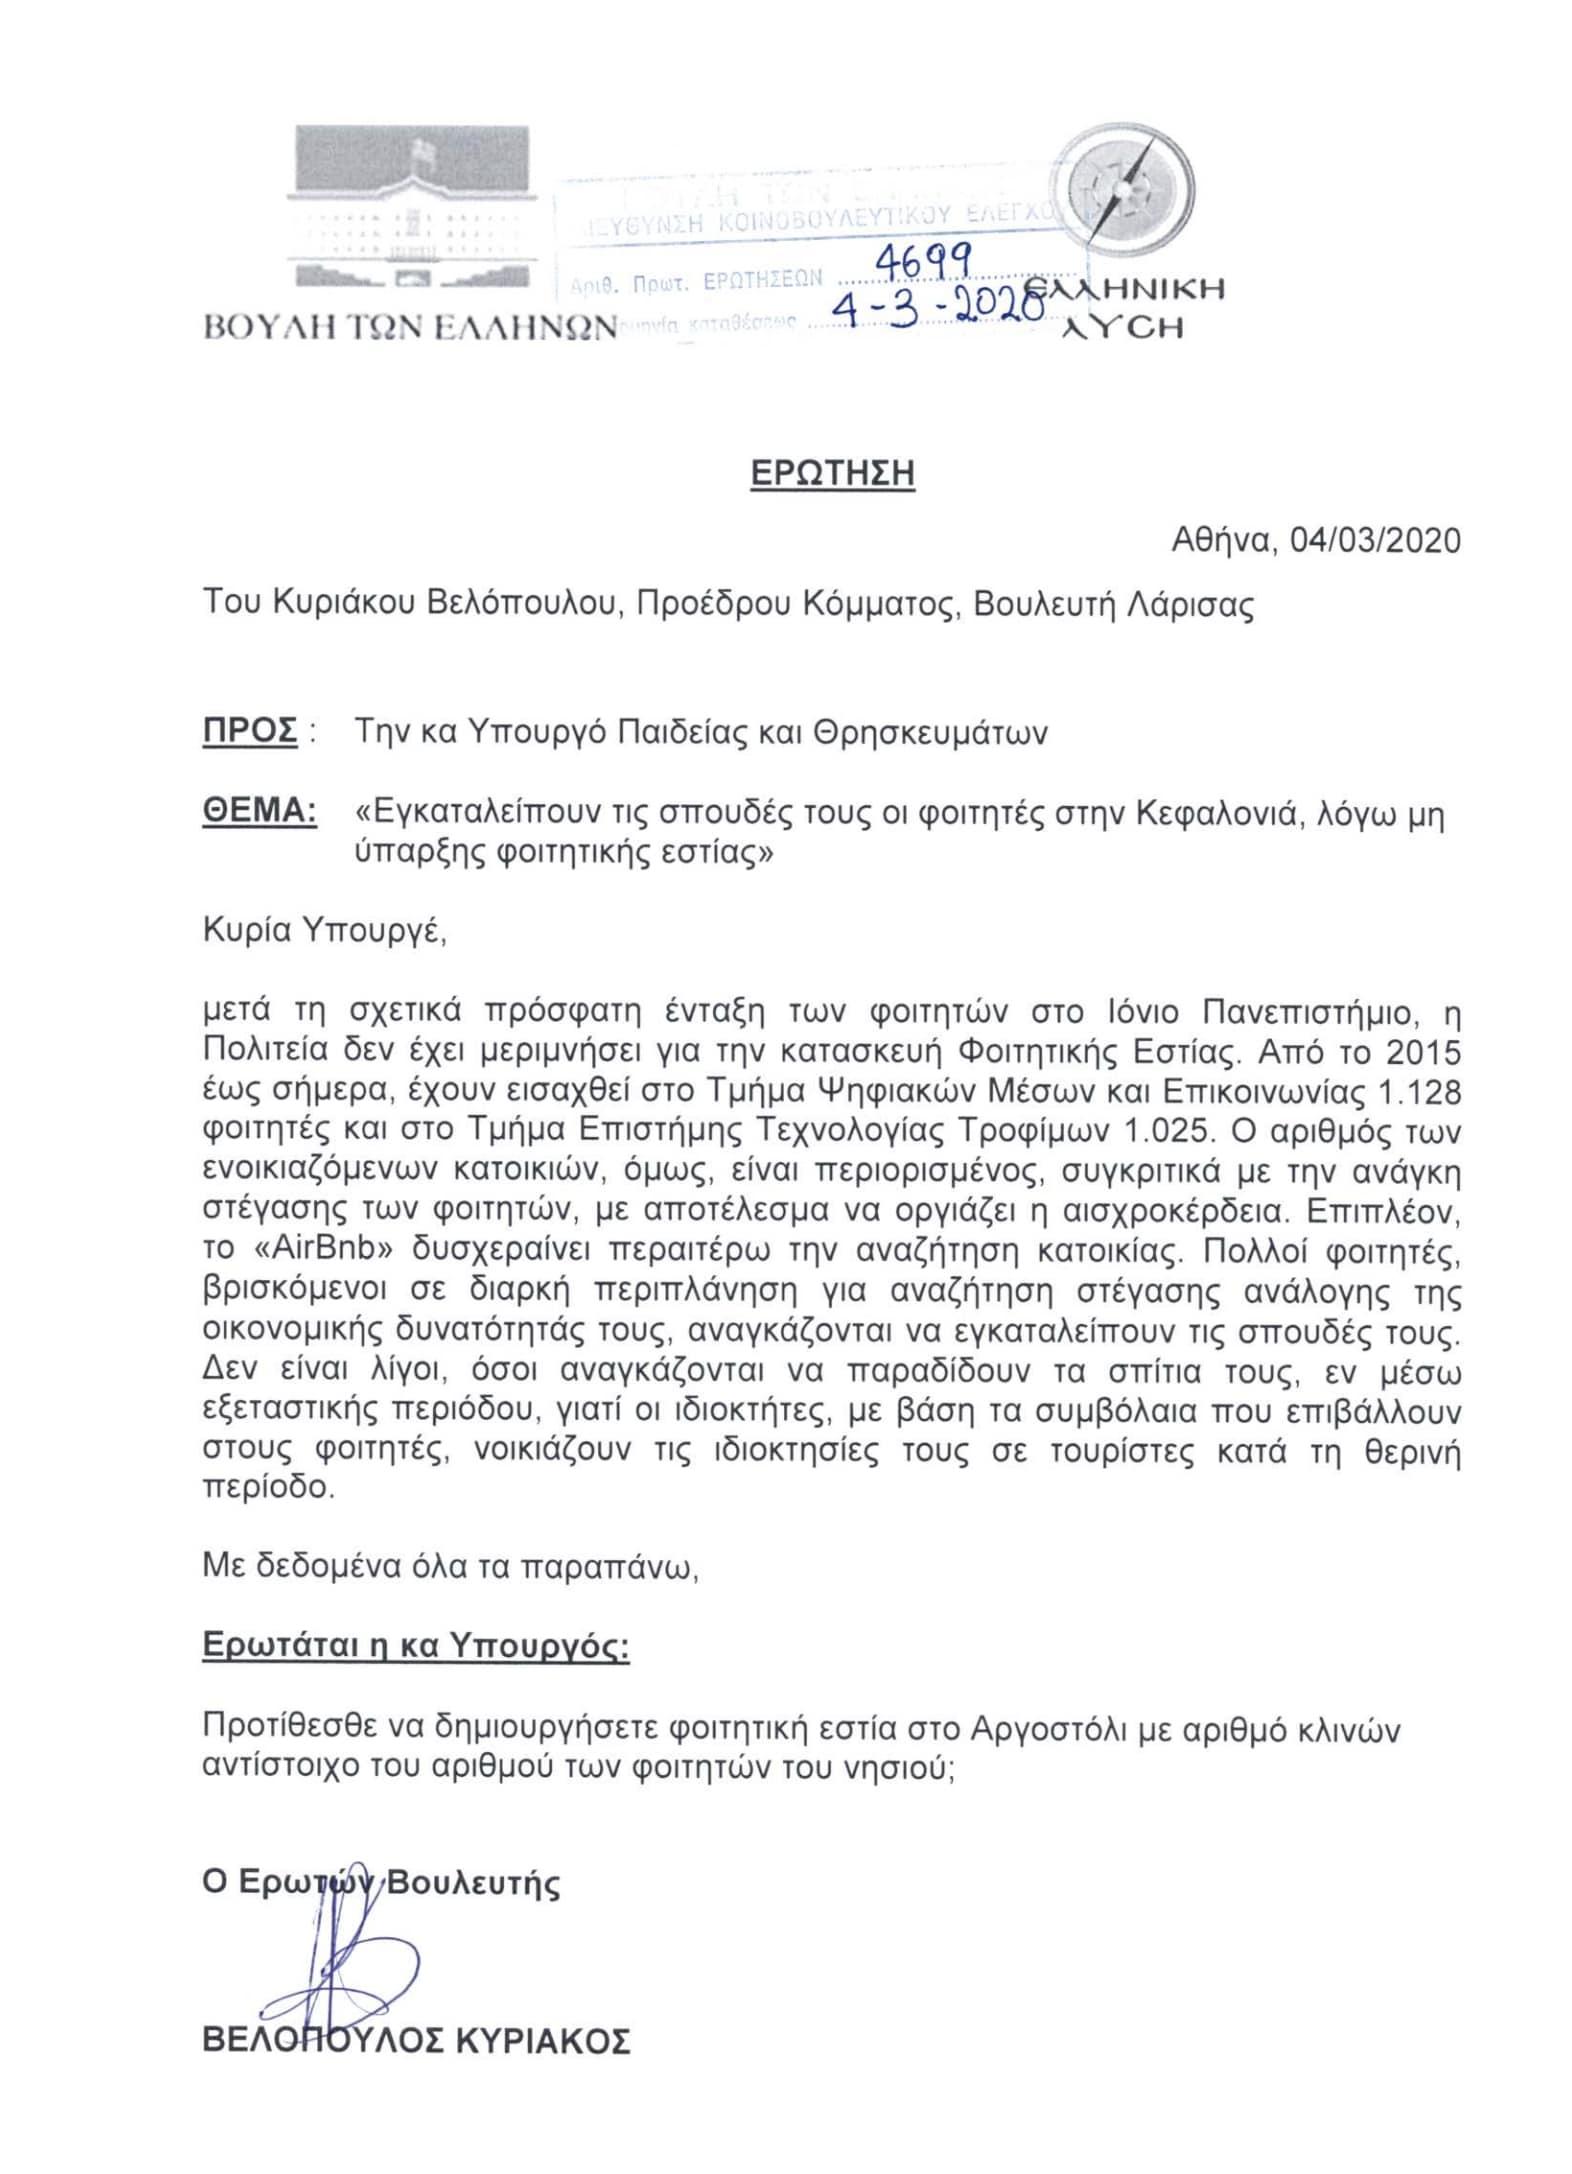 Η ΕΛΛΗΝΙΚΗ ΛΥΣΗ ζητάει απαντήσεις από την Υπουργό Παιδείας μετά την κραυγή απόγνωσης από τους περιπλανώμενους φοιτητές στο Αργοστόλι....